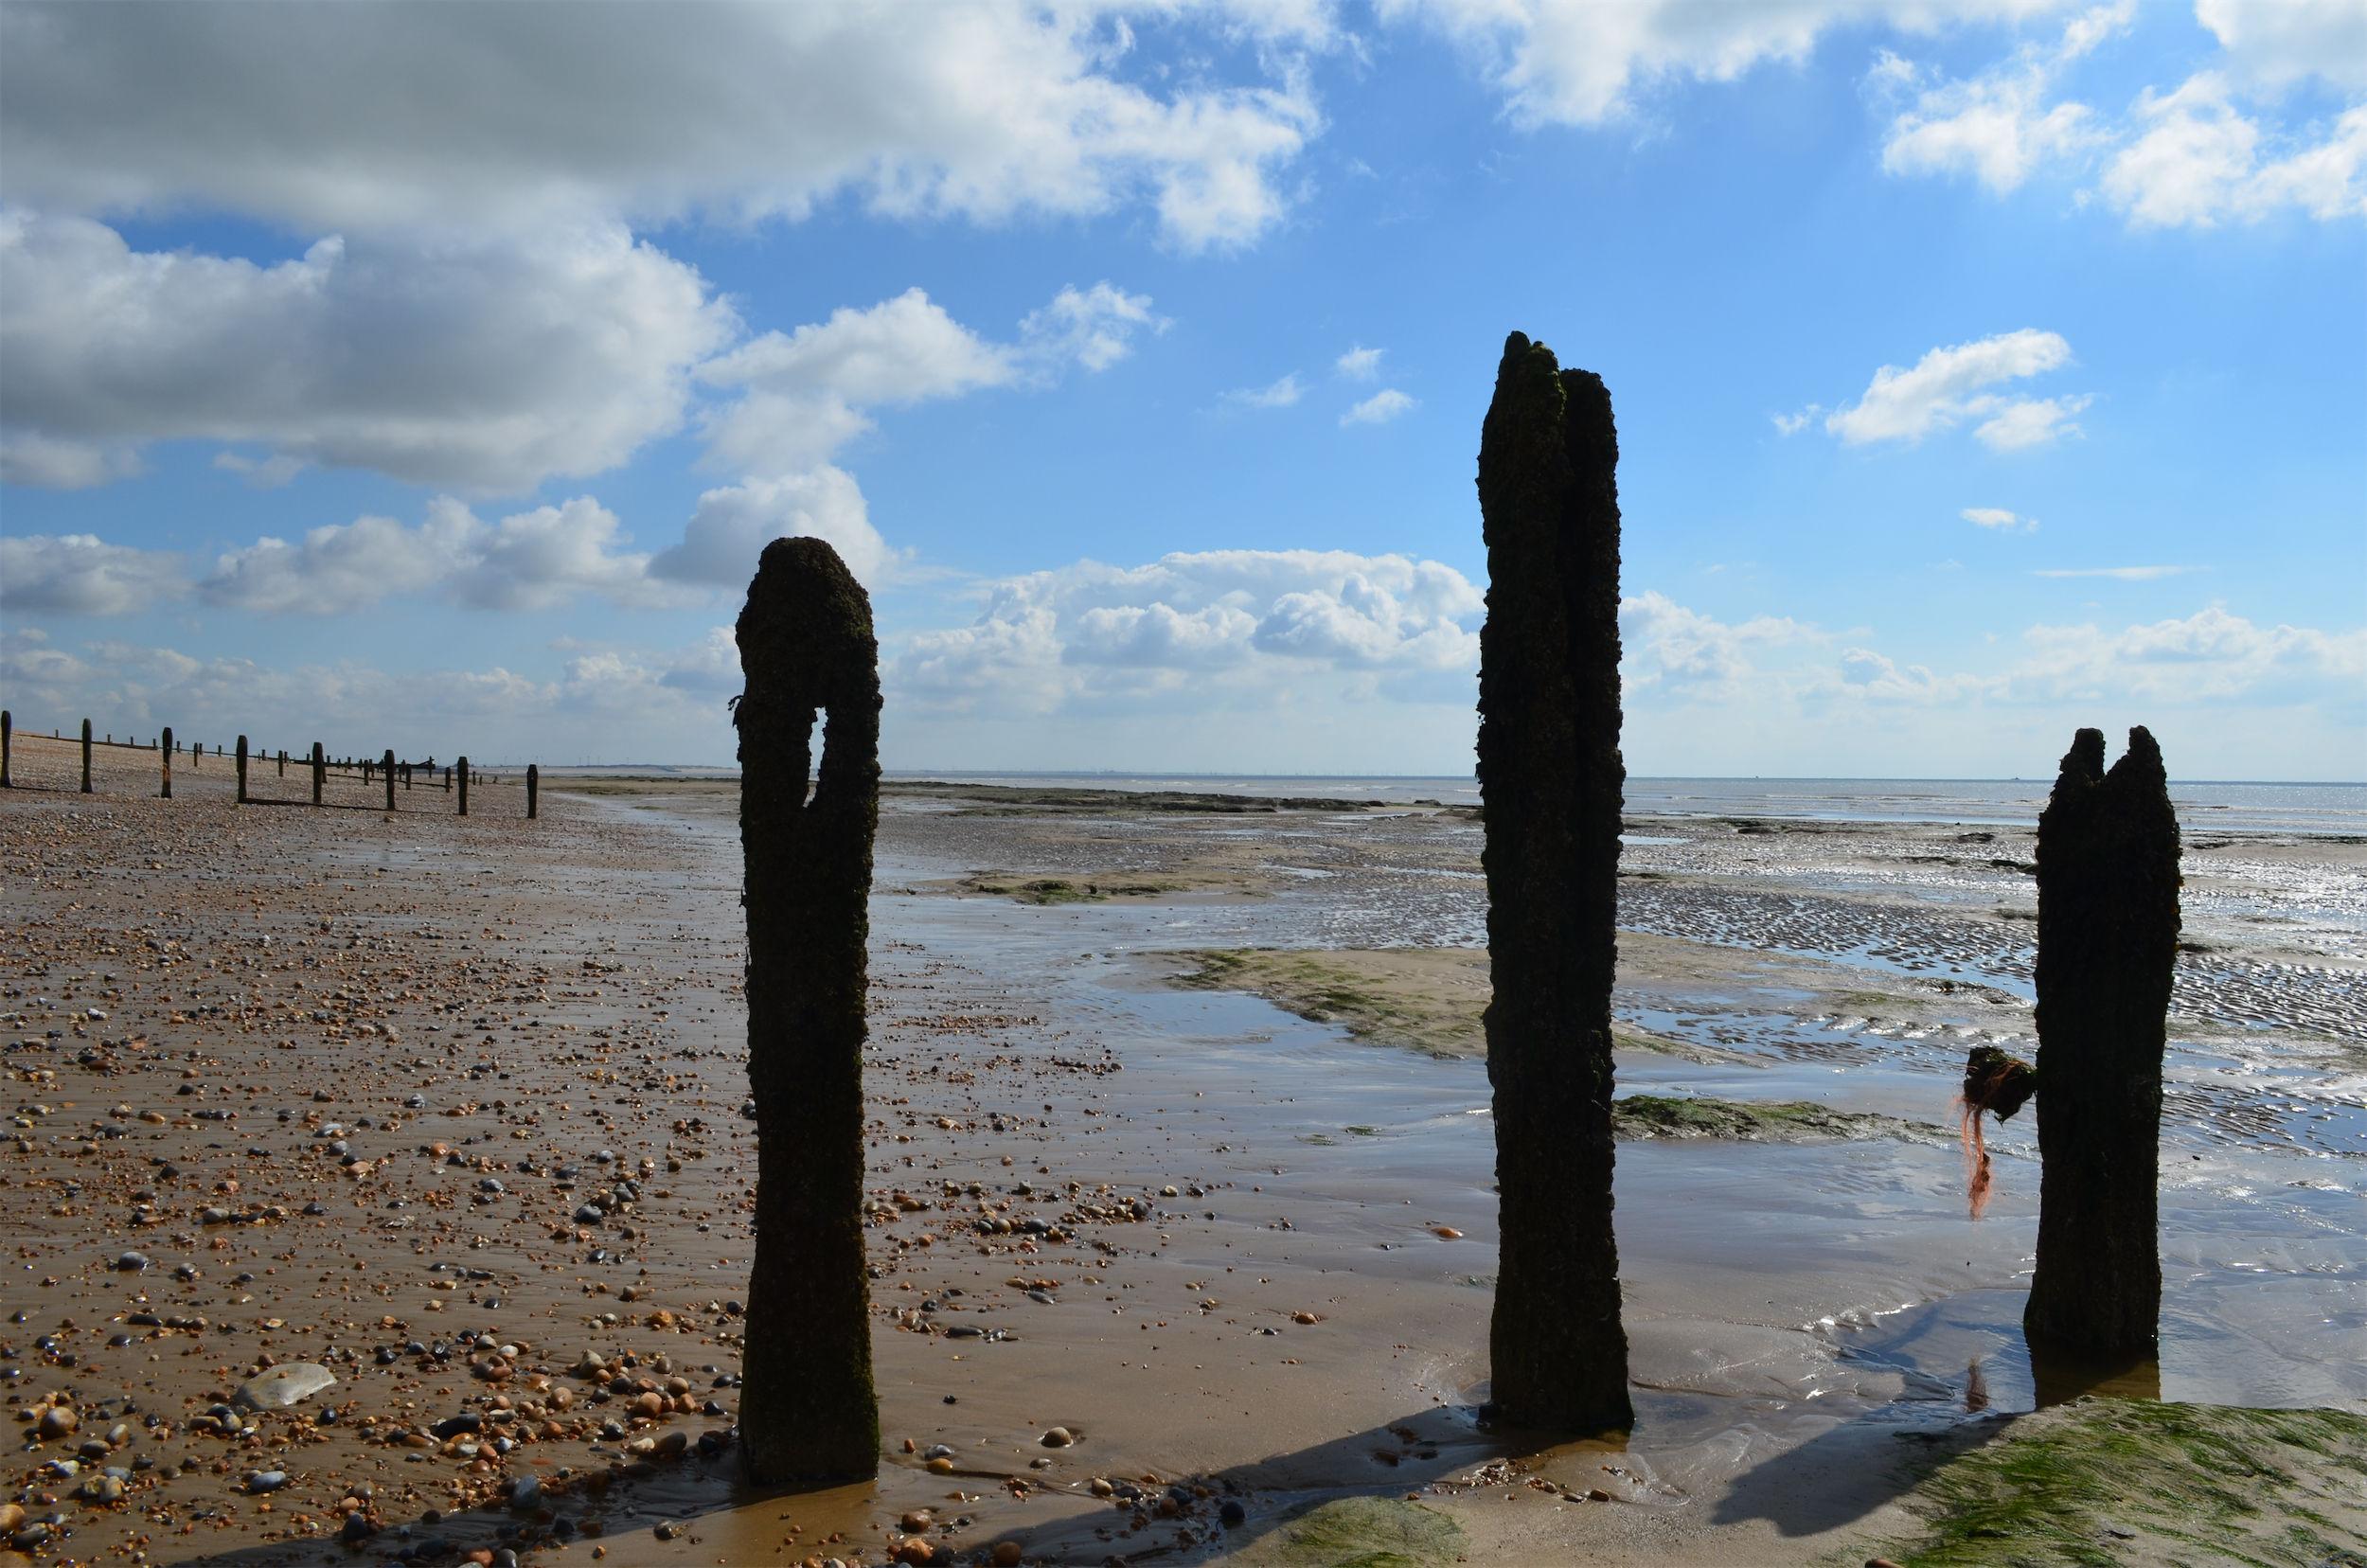 Pett Level Beach (100816)_0104.JPG